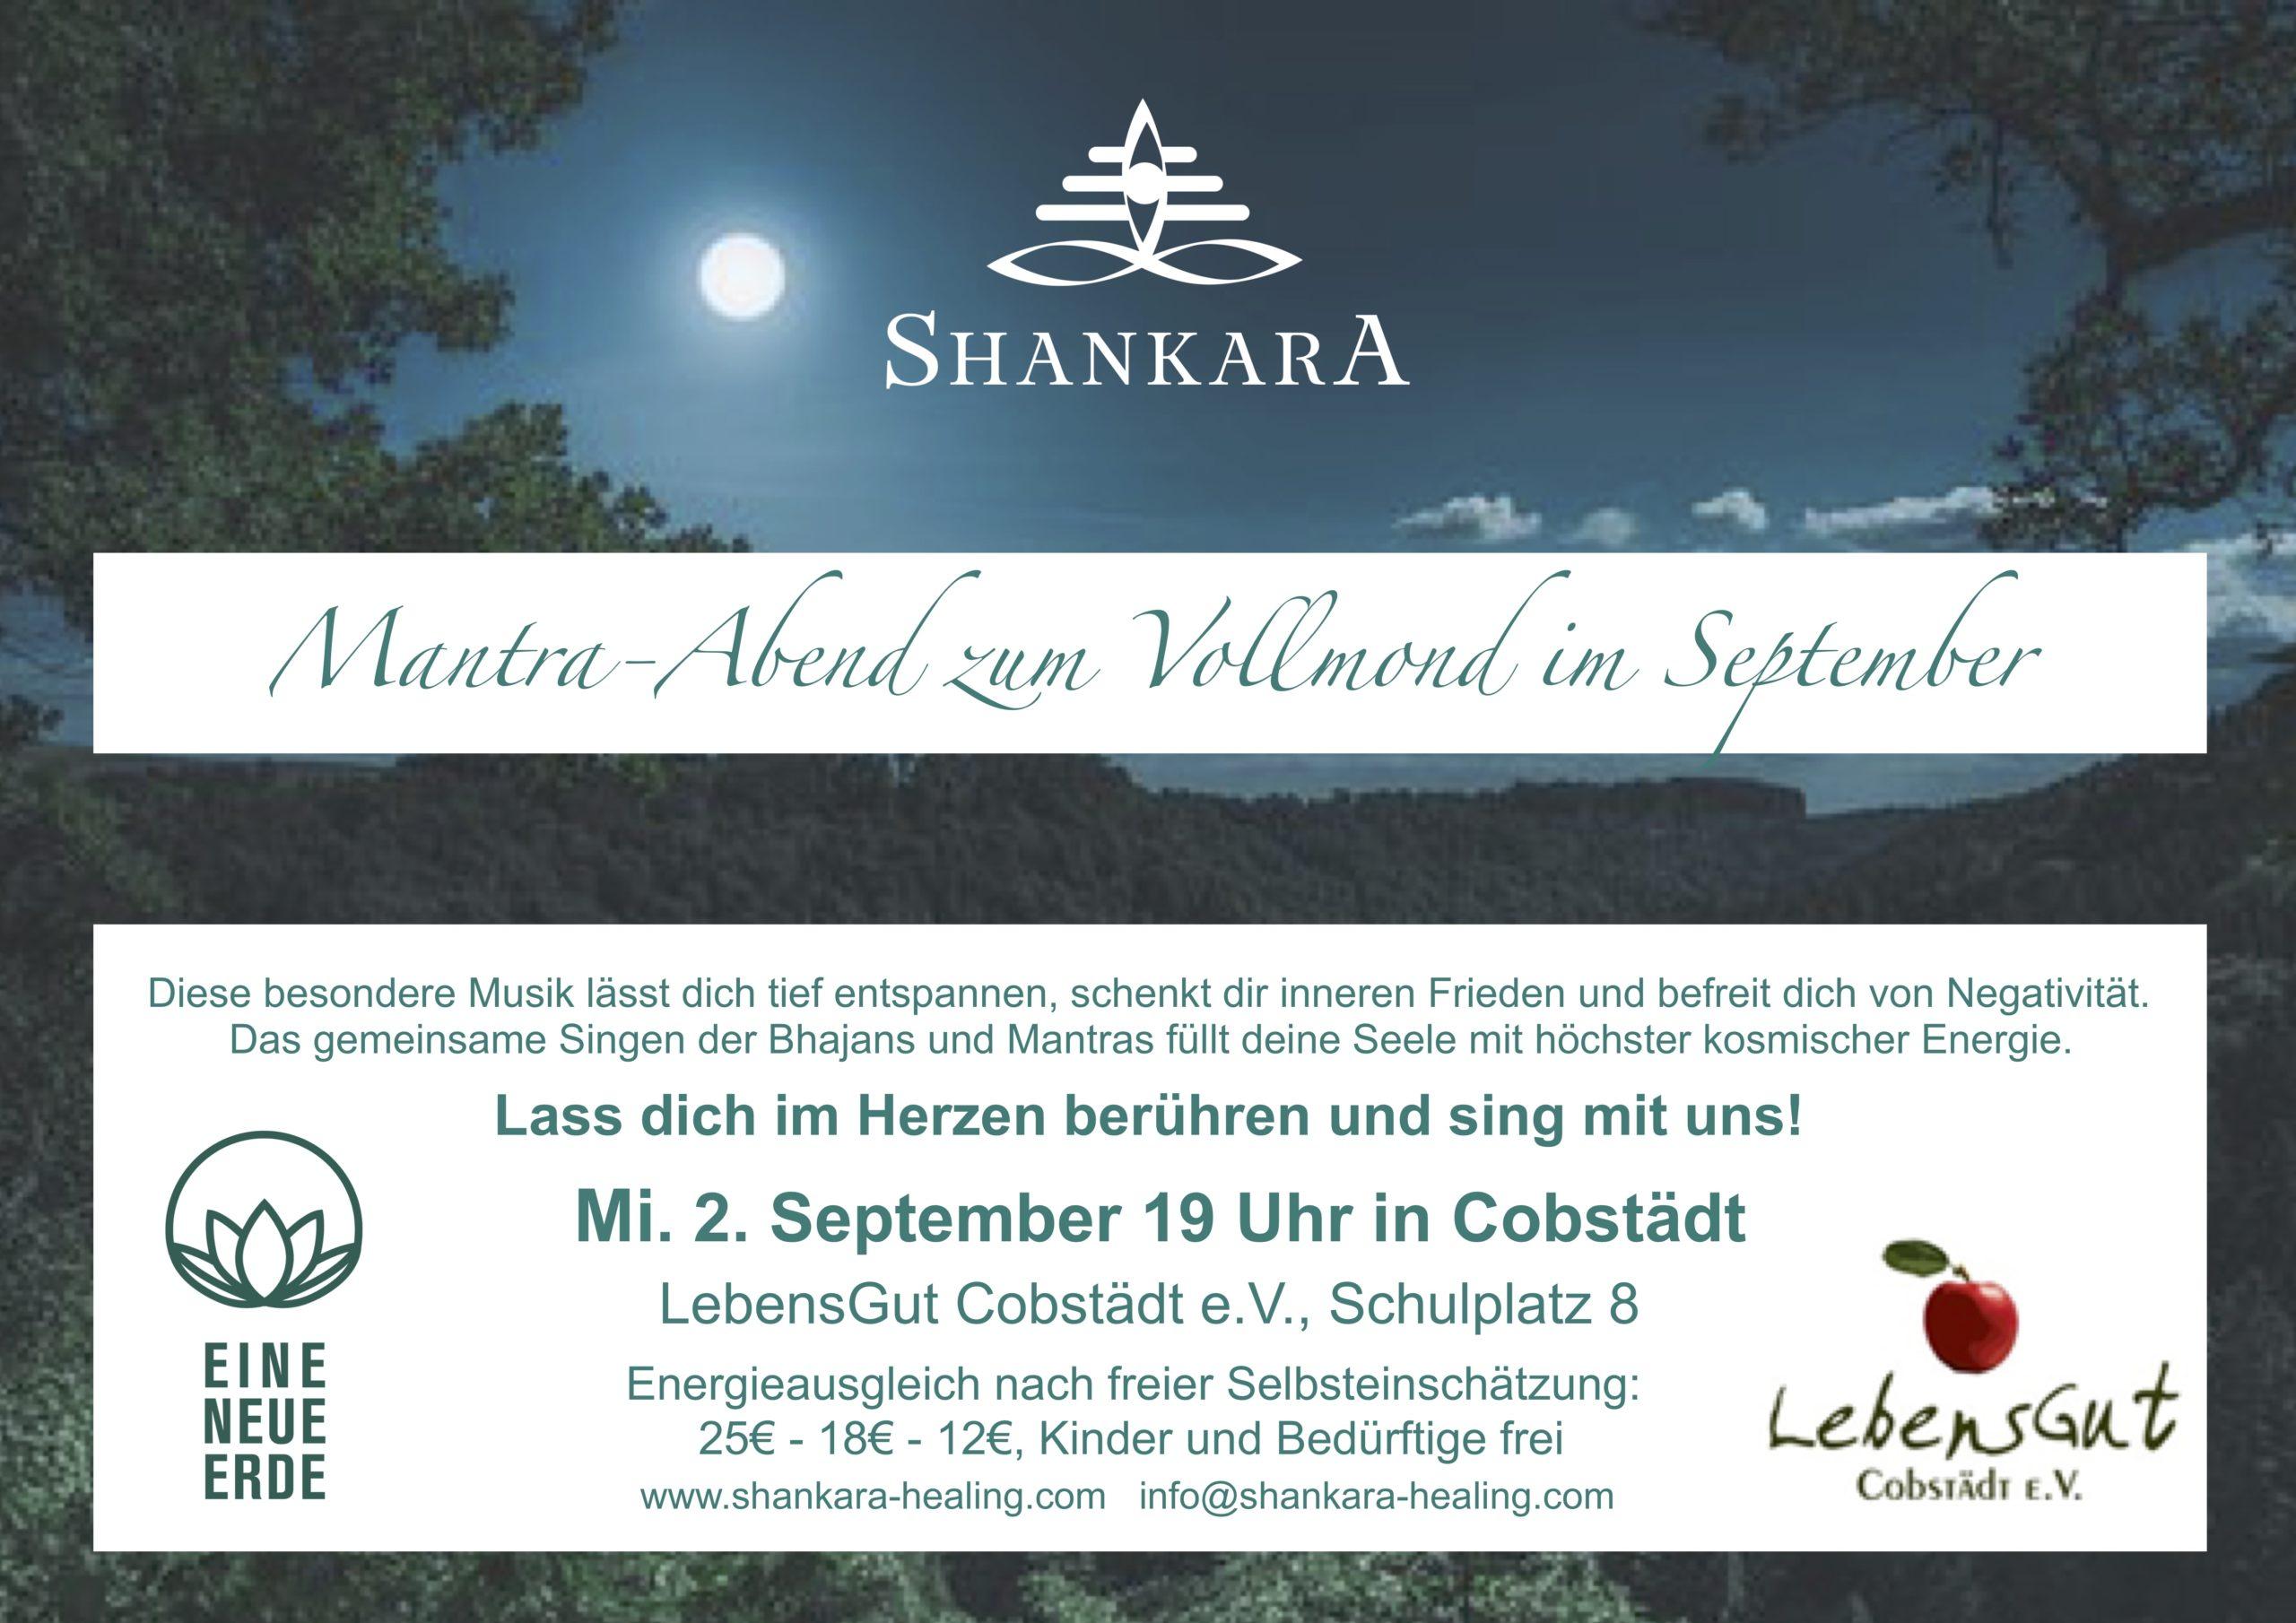 Mantra Abend zum Vollmond im September